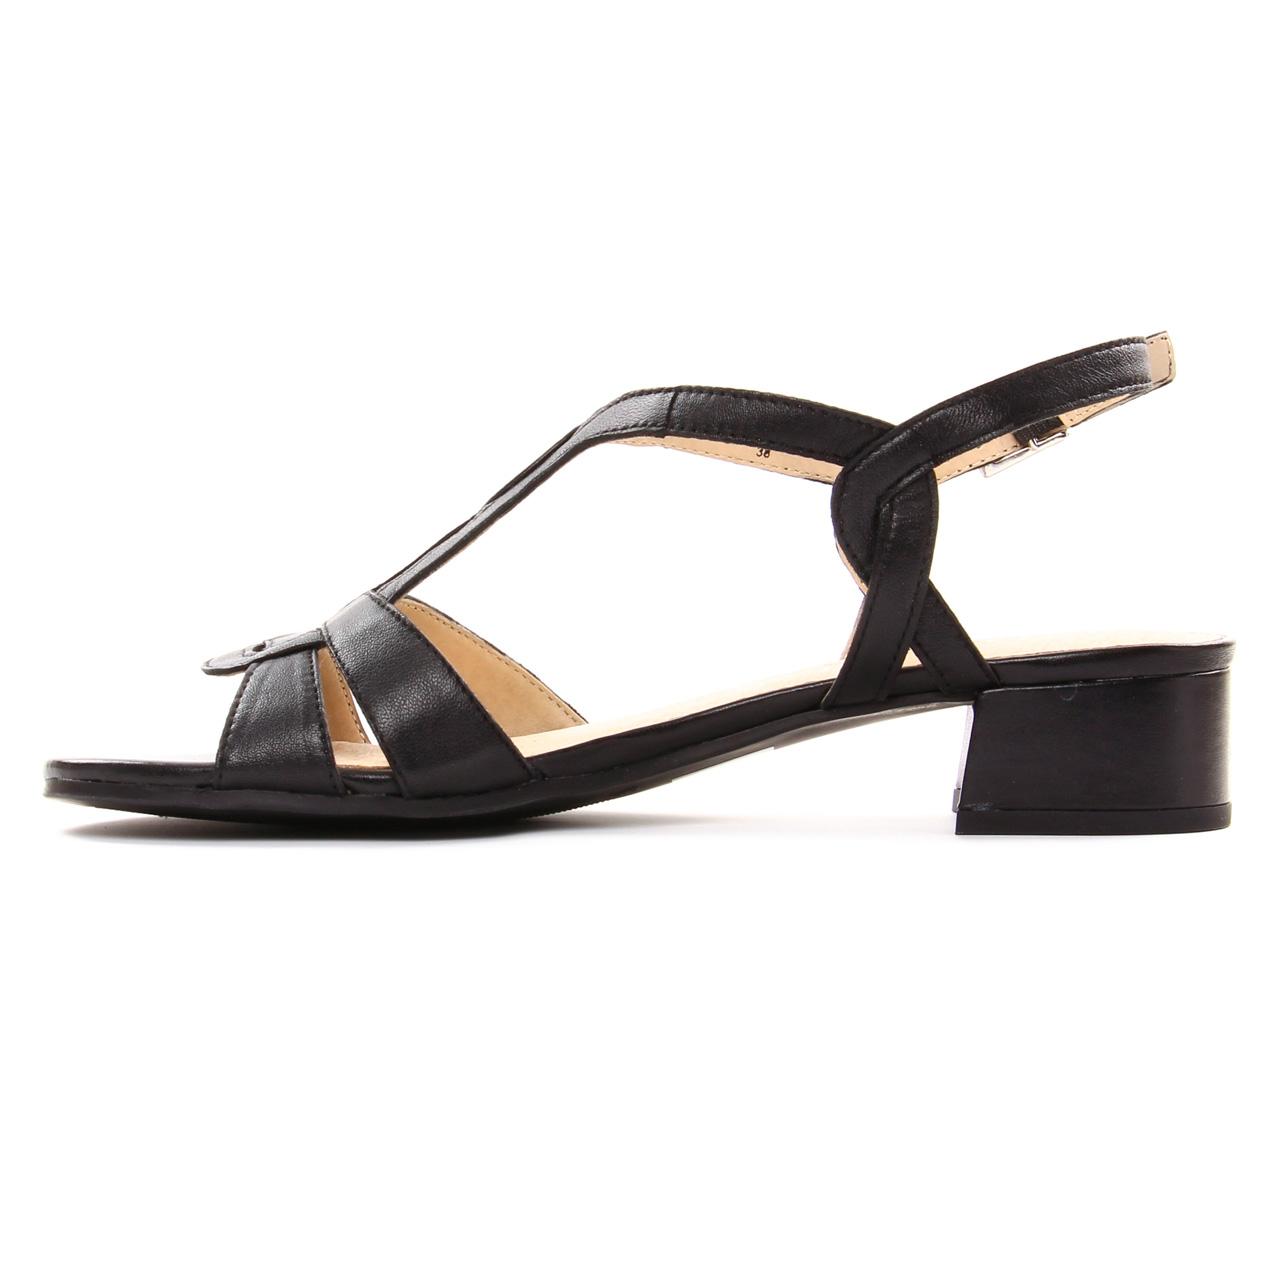 ec5a43c3201605 Caprice 28201 Black | sandales noir printemps été chez TROIS PAR 3